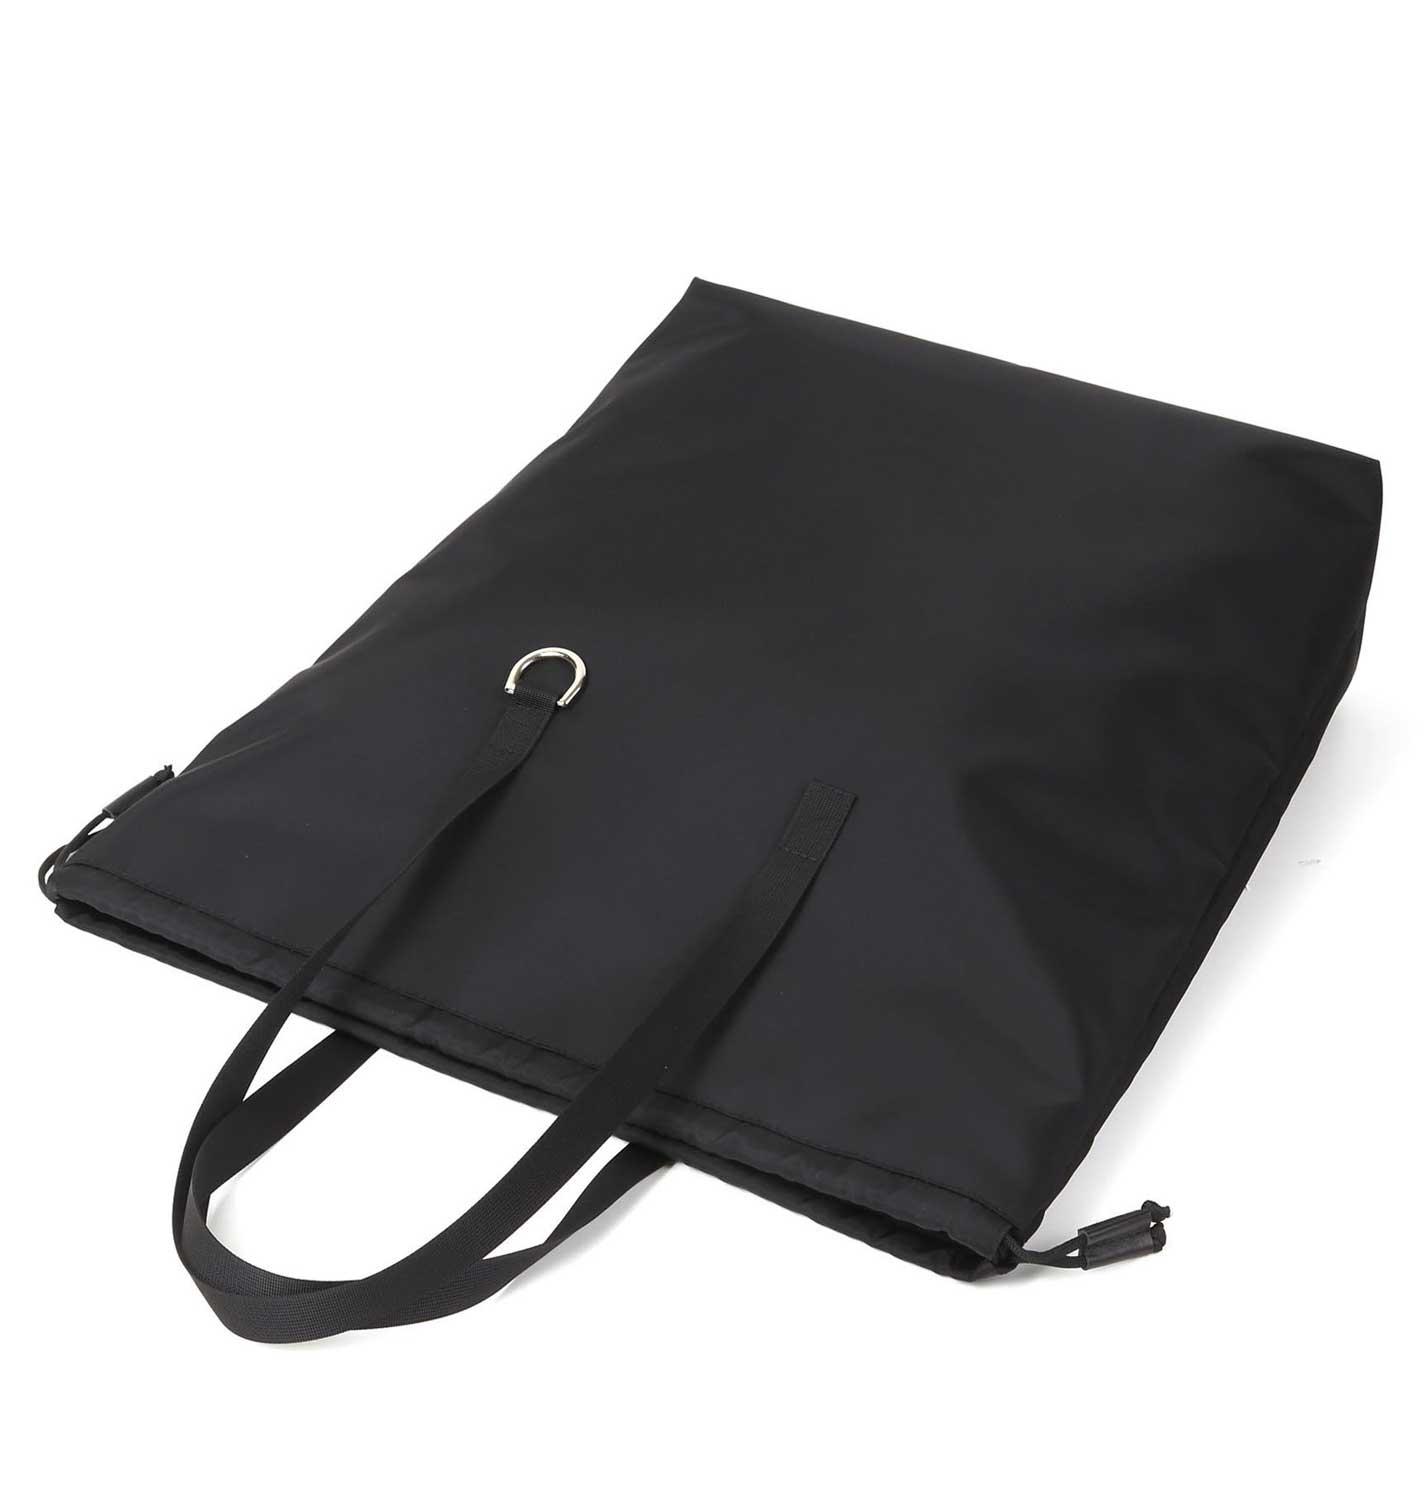 ARUMO ドローコードトートバッグ / ブラック